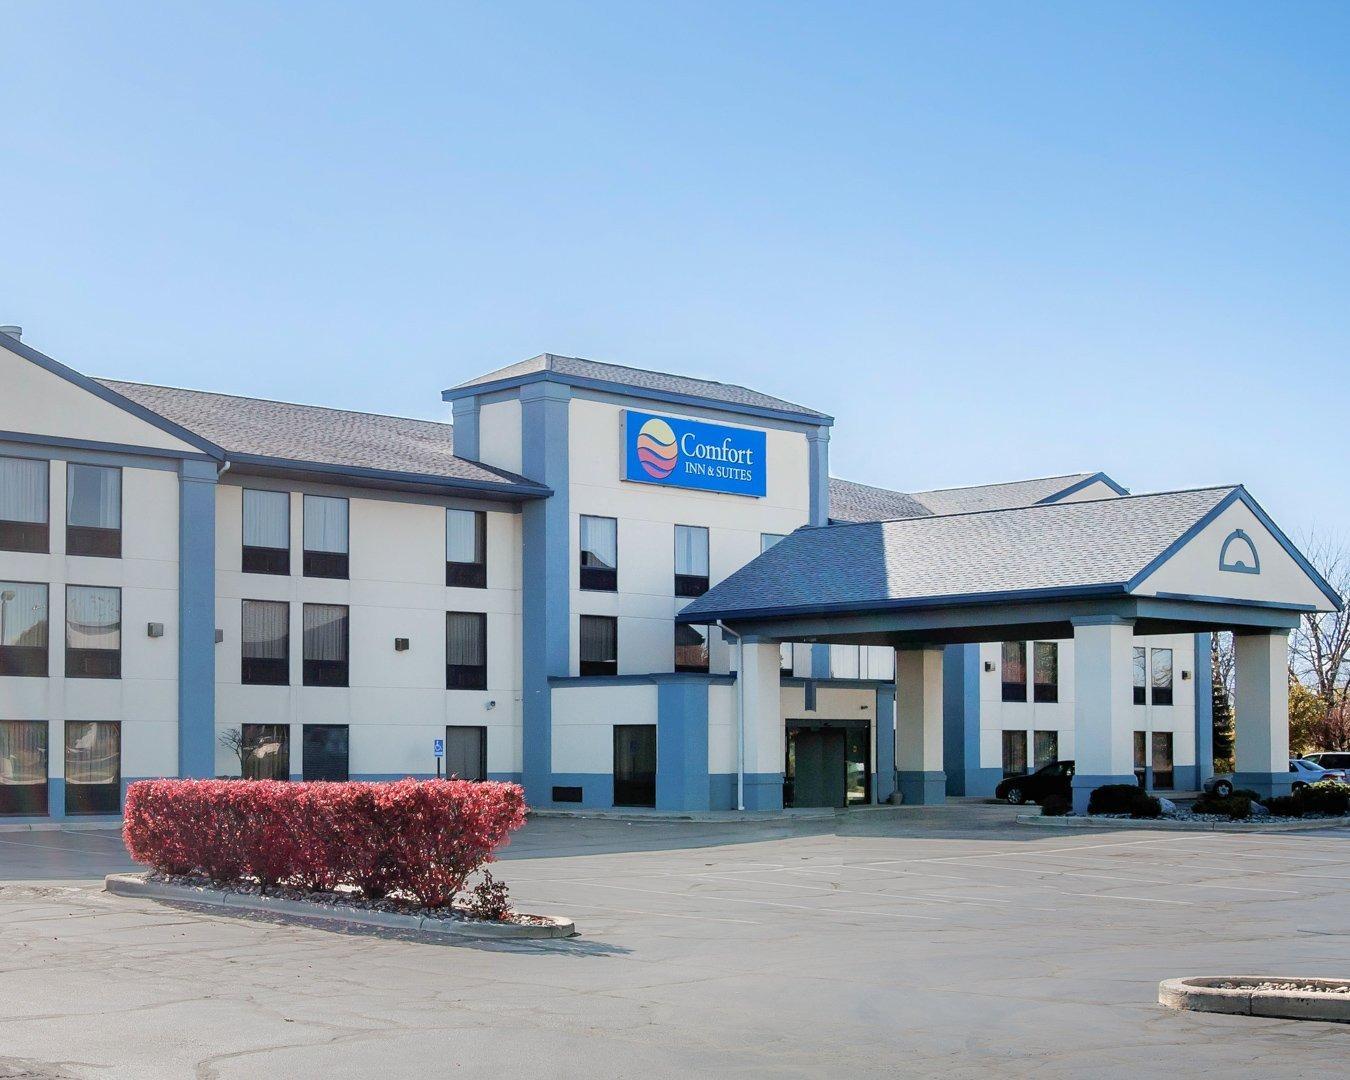 Comfort Inn & Suites Maumee - Toledo (I80-90)